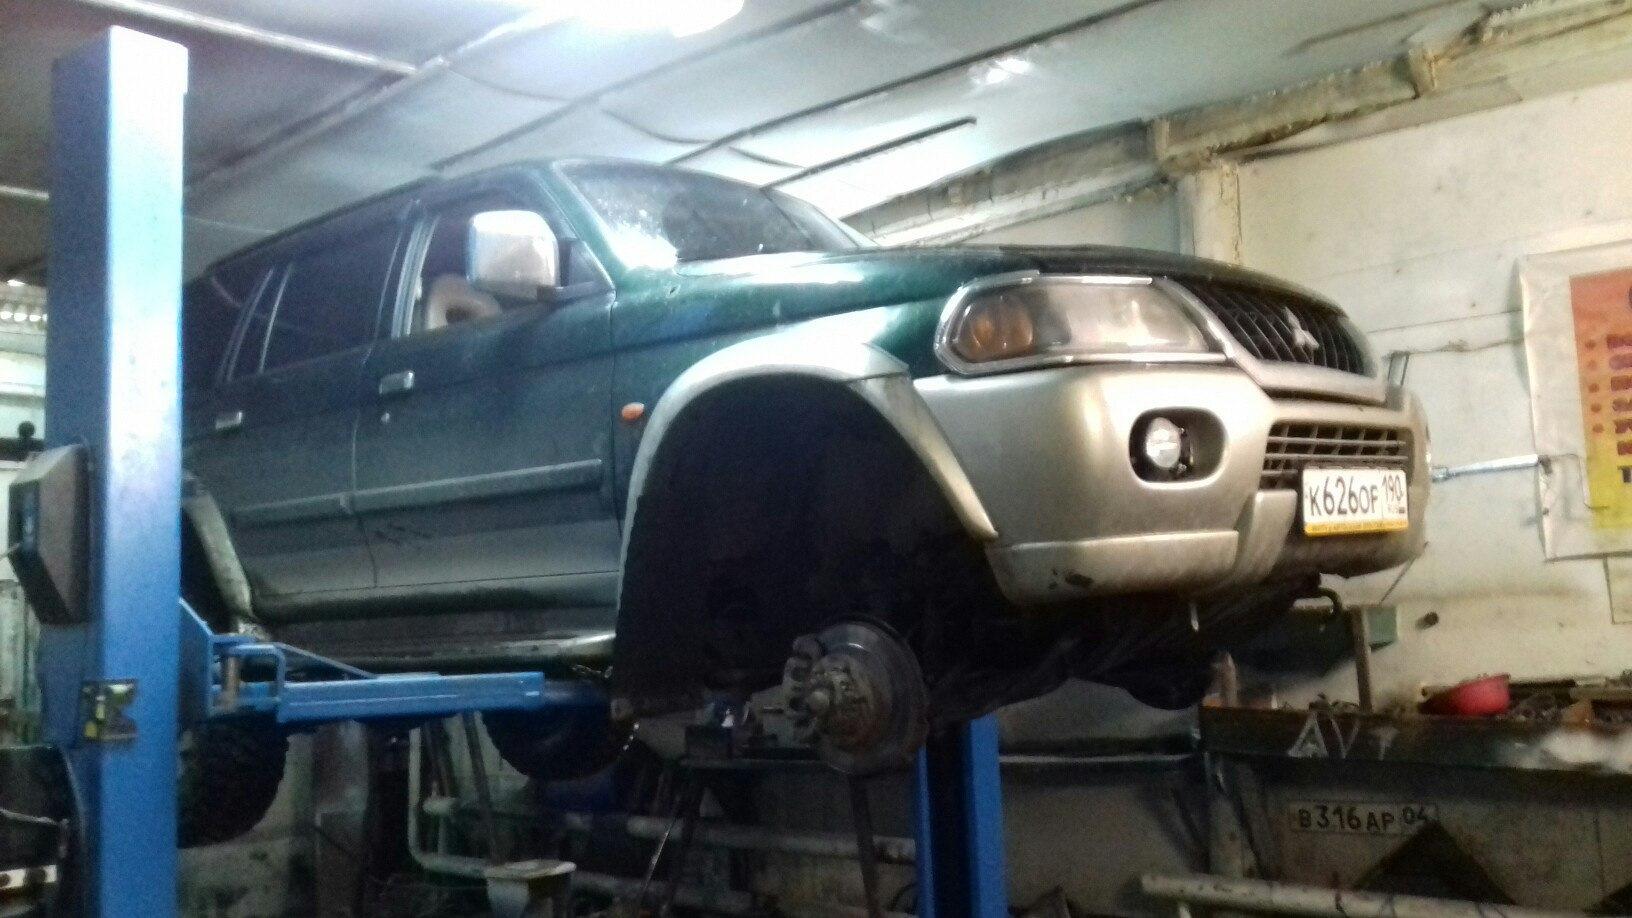 Замена рулевой машинки паджеро 2 Замена тормозной трубки с прокачкой хендай элантра j4